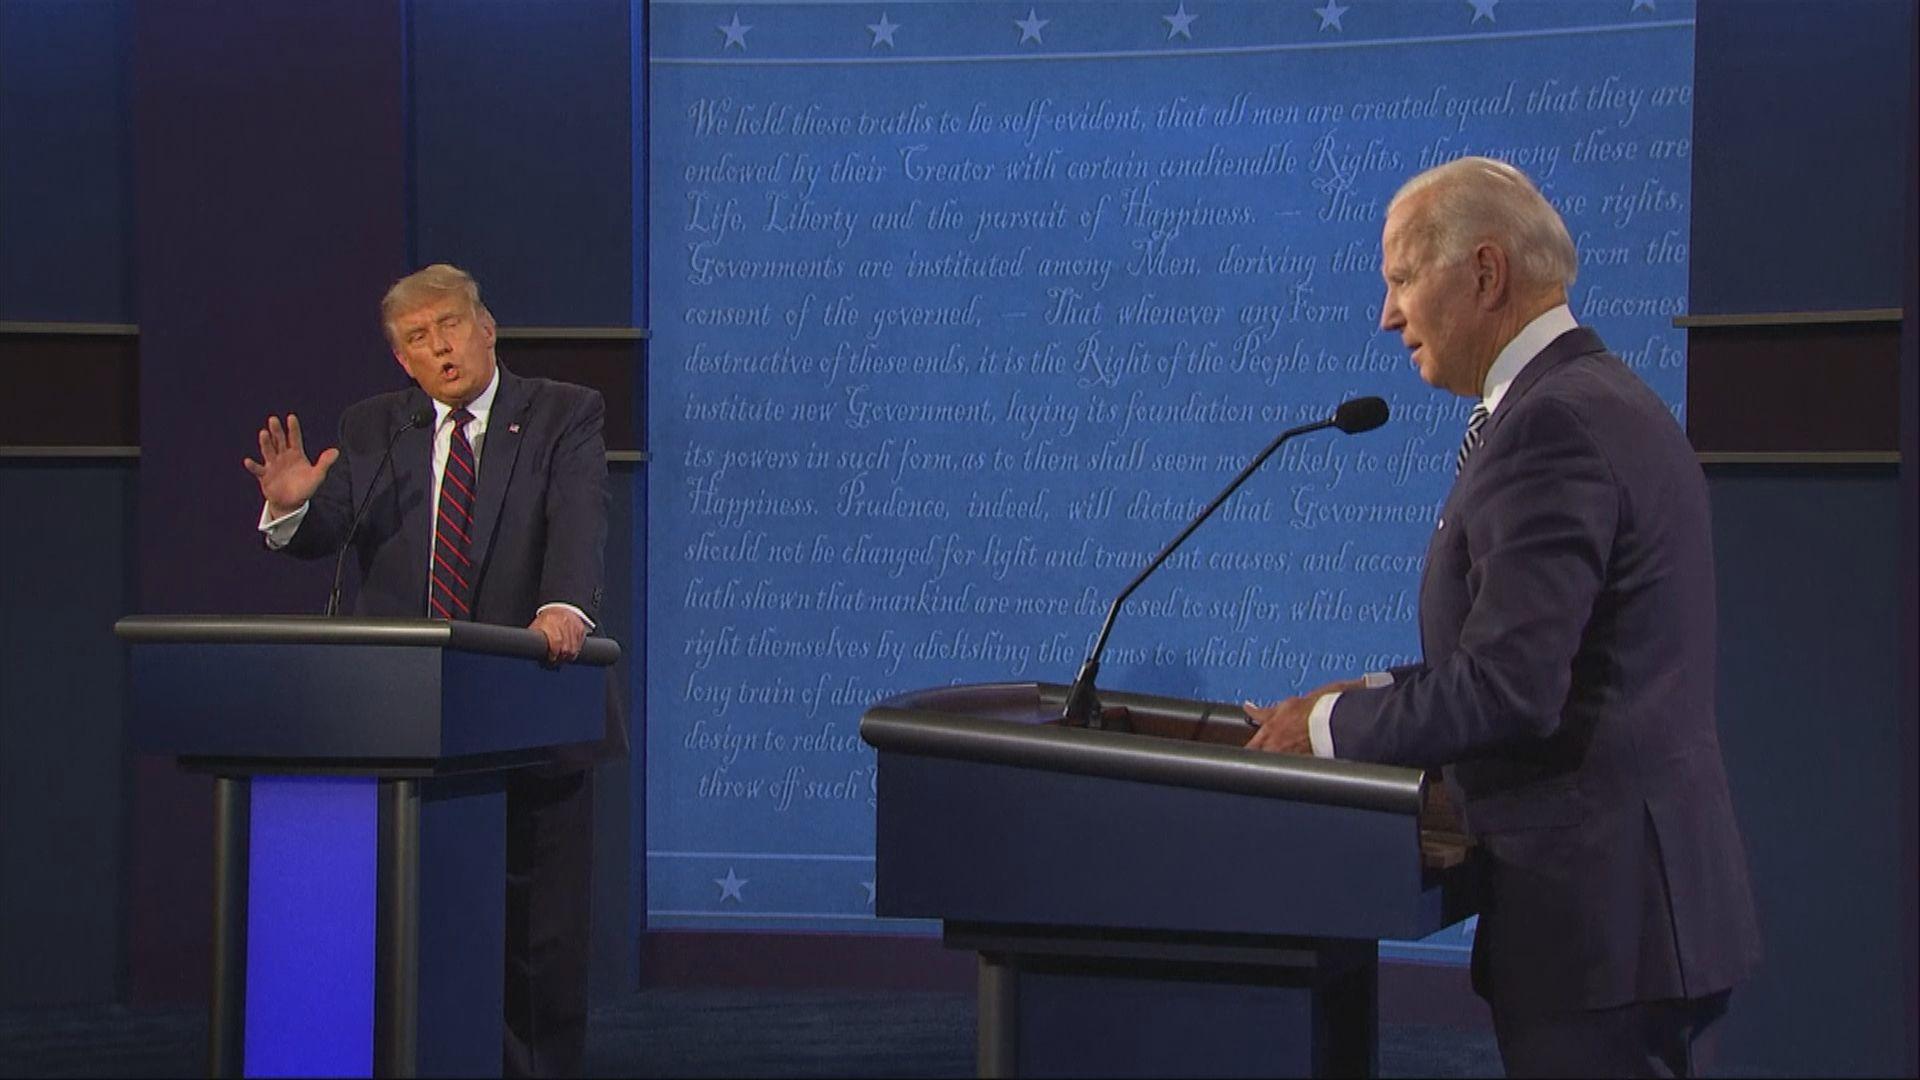 【最混亂的一次?】特朗普不斷插嘴 拜登斥小丑、蠢蛋